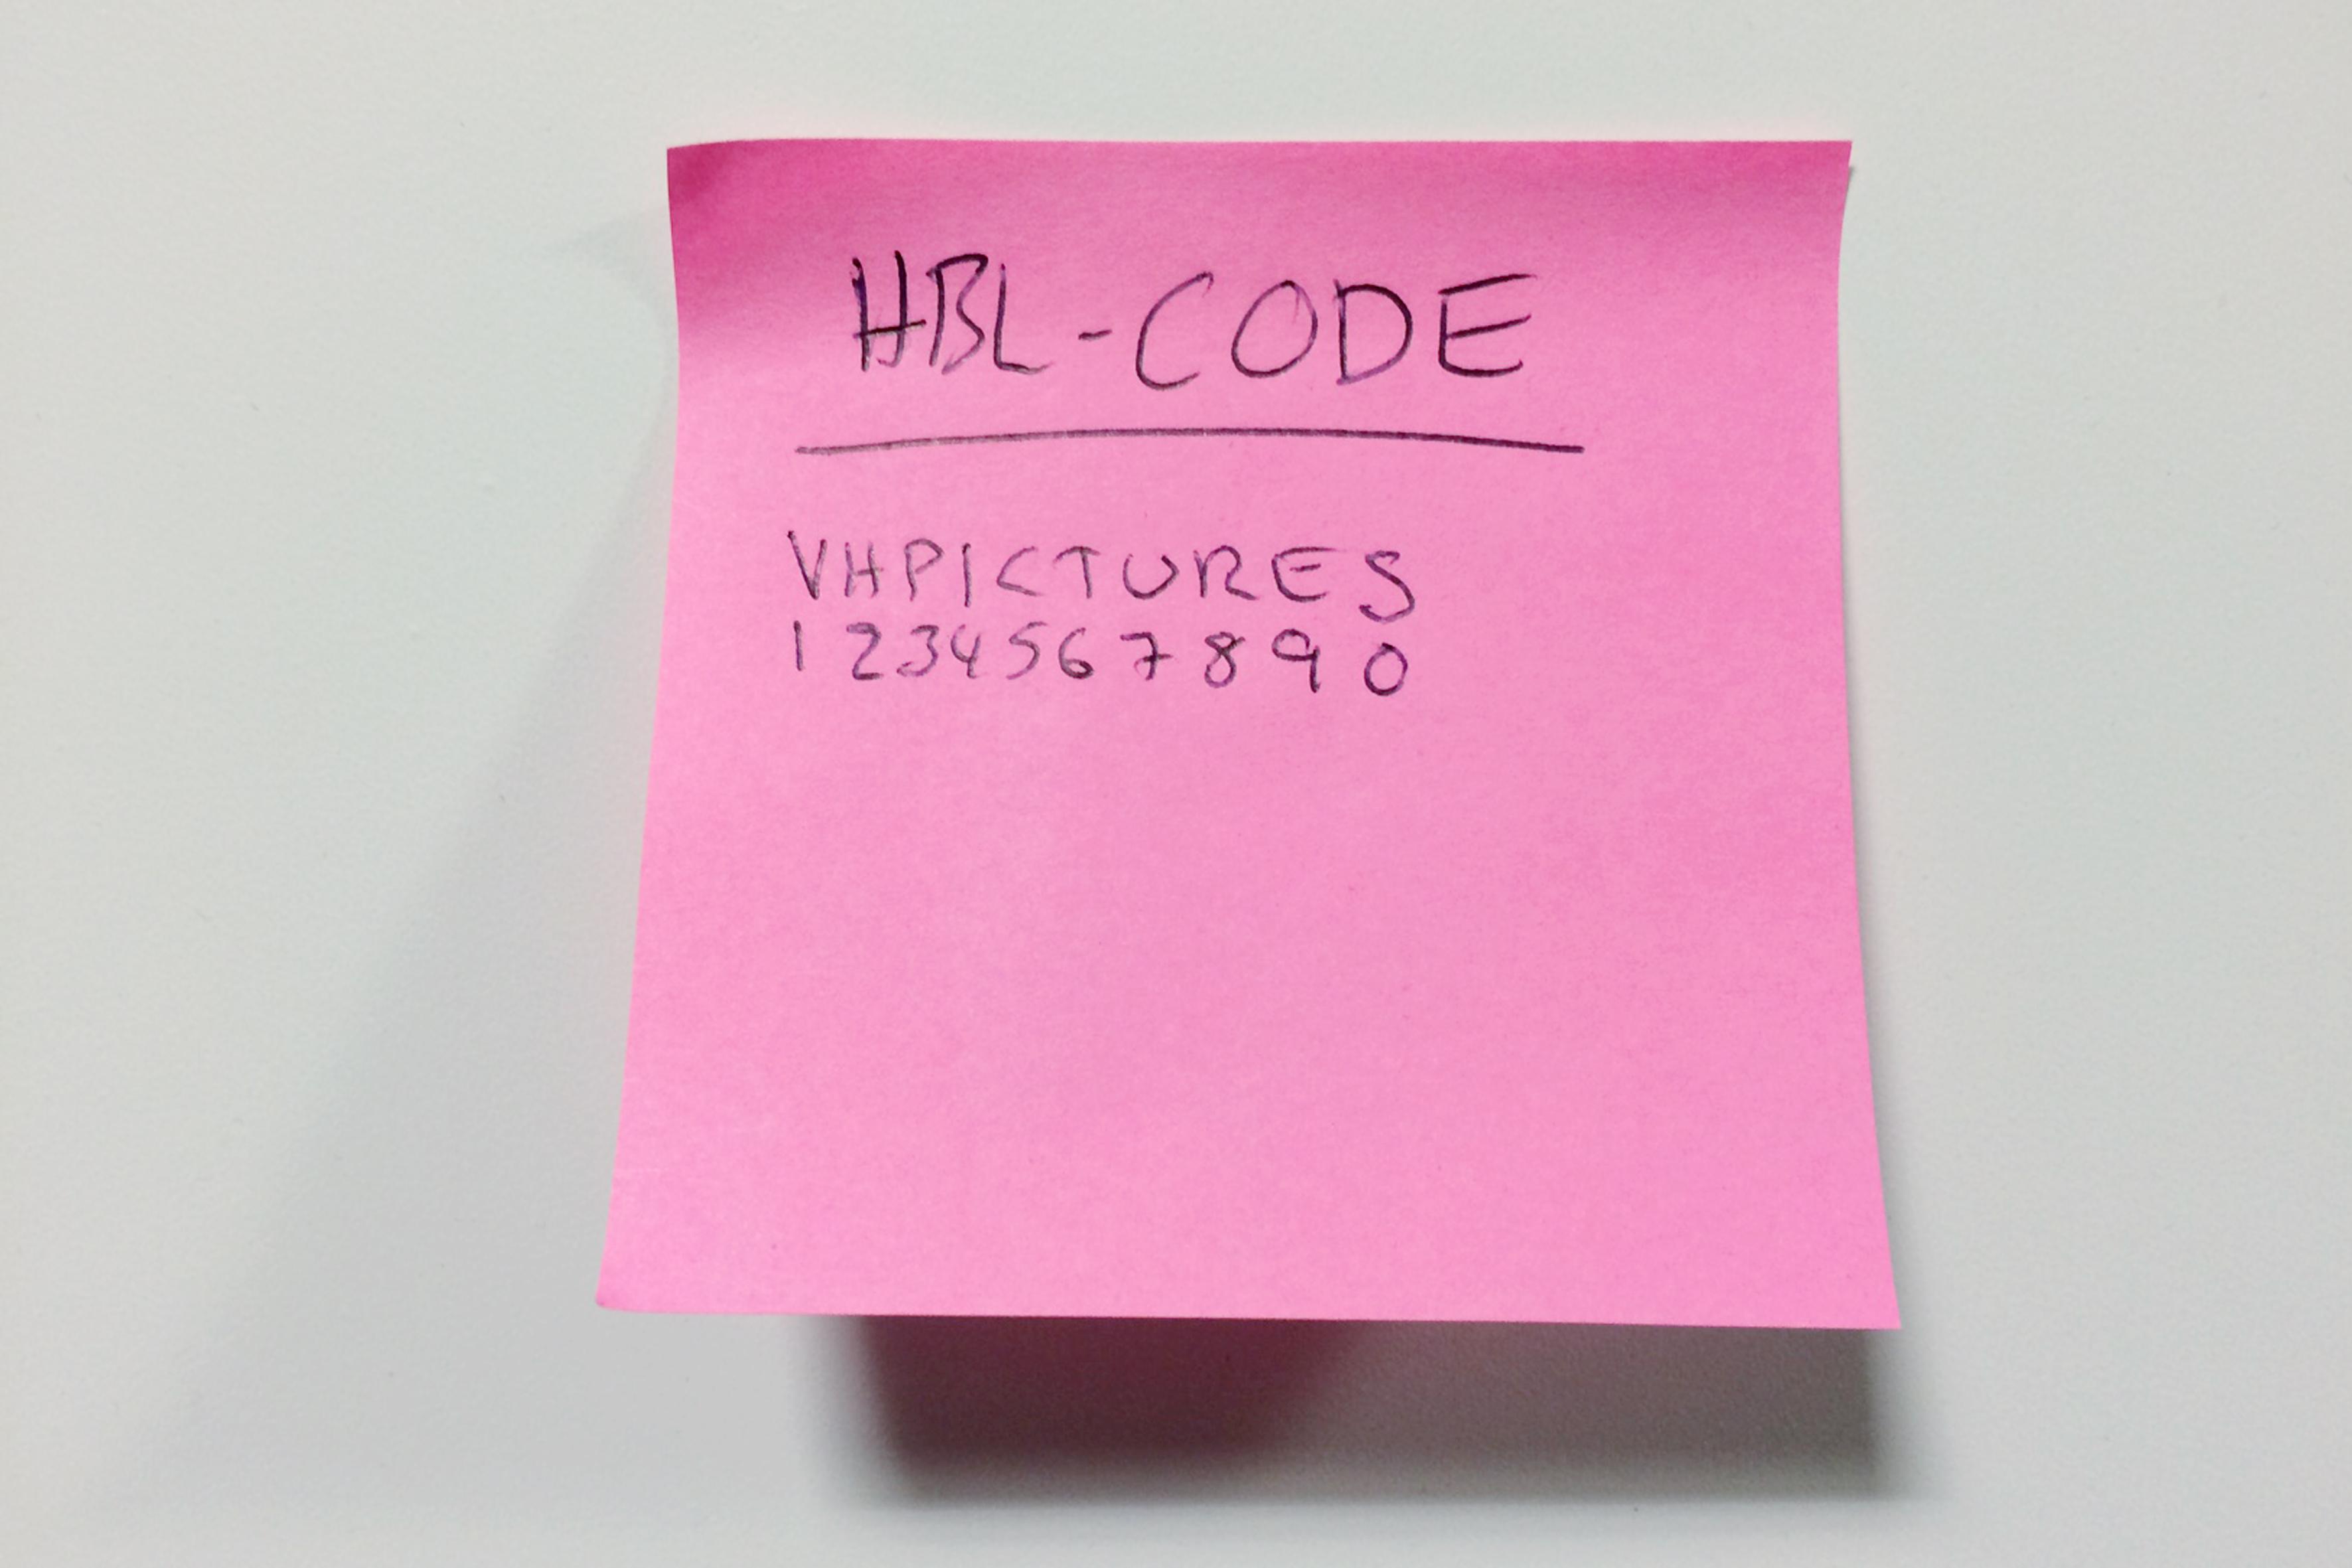 HBL-code. Så här såg den inte ut från början, men min kodnyckel gör det.